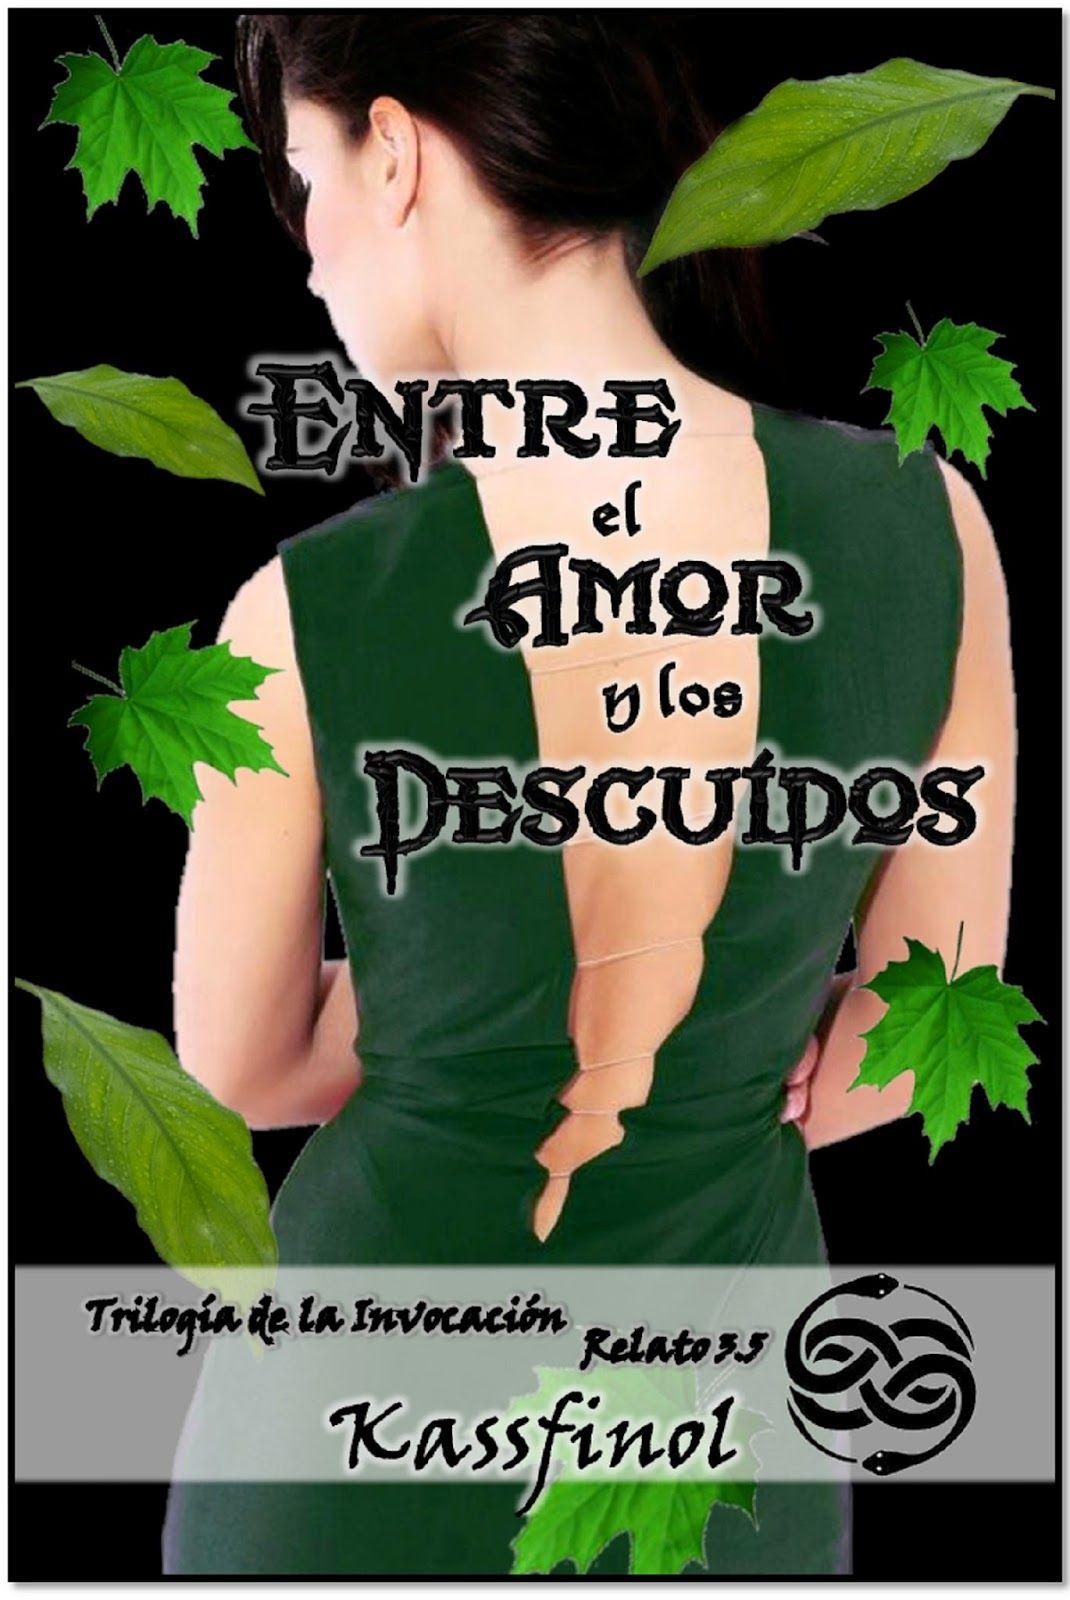 Kassfinol: Reseña del libro Entre el amor y los descuidos  ¿L...